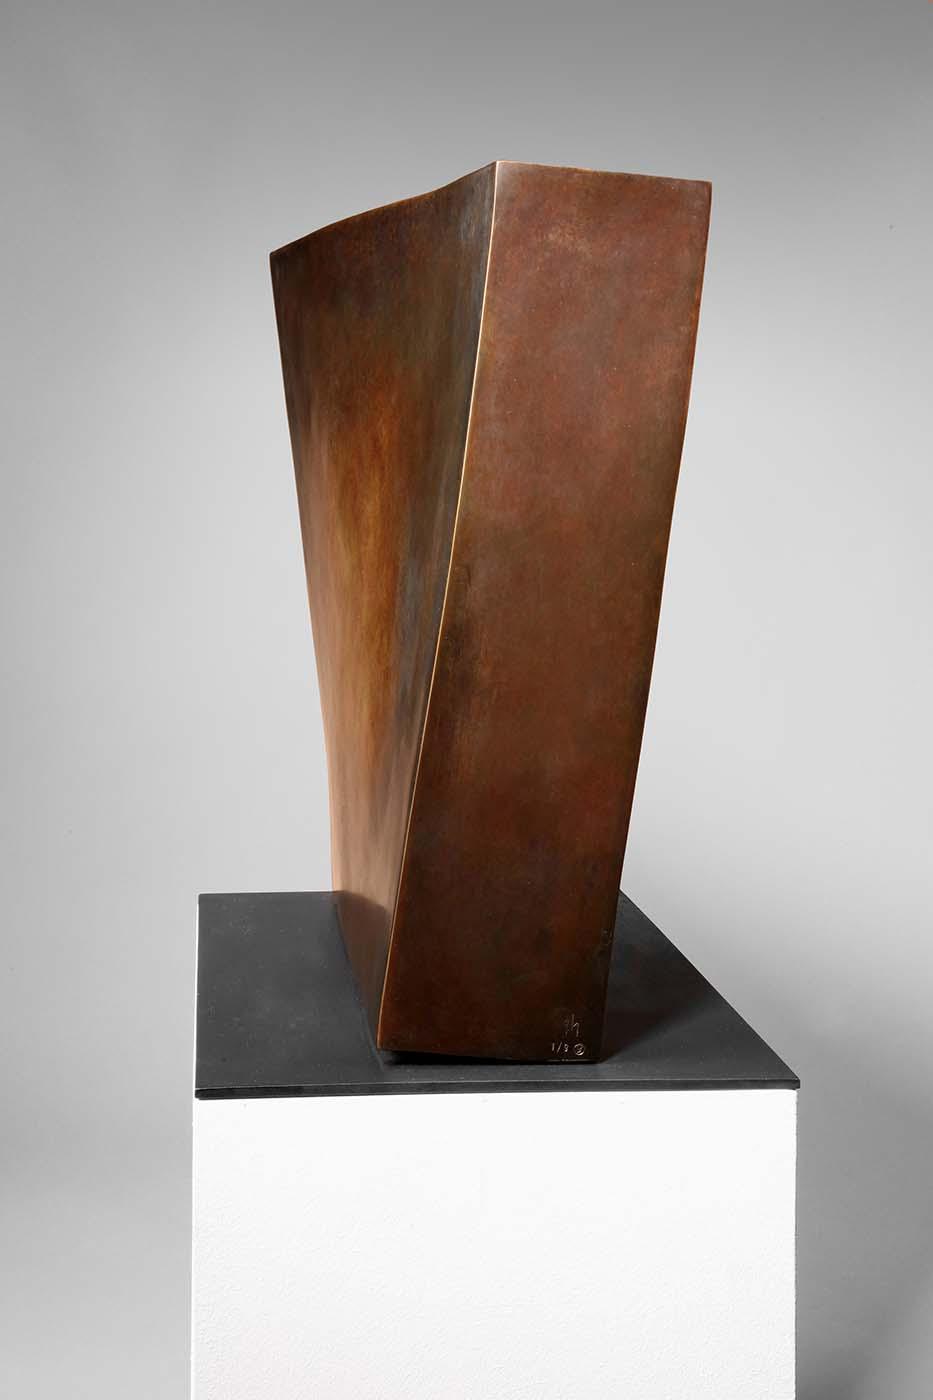 Erotik des Quadrats, 2010, Bronze, ca. 40 x 40 x 10 cm (03)